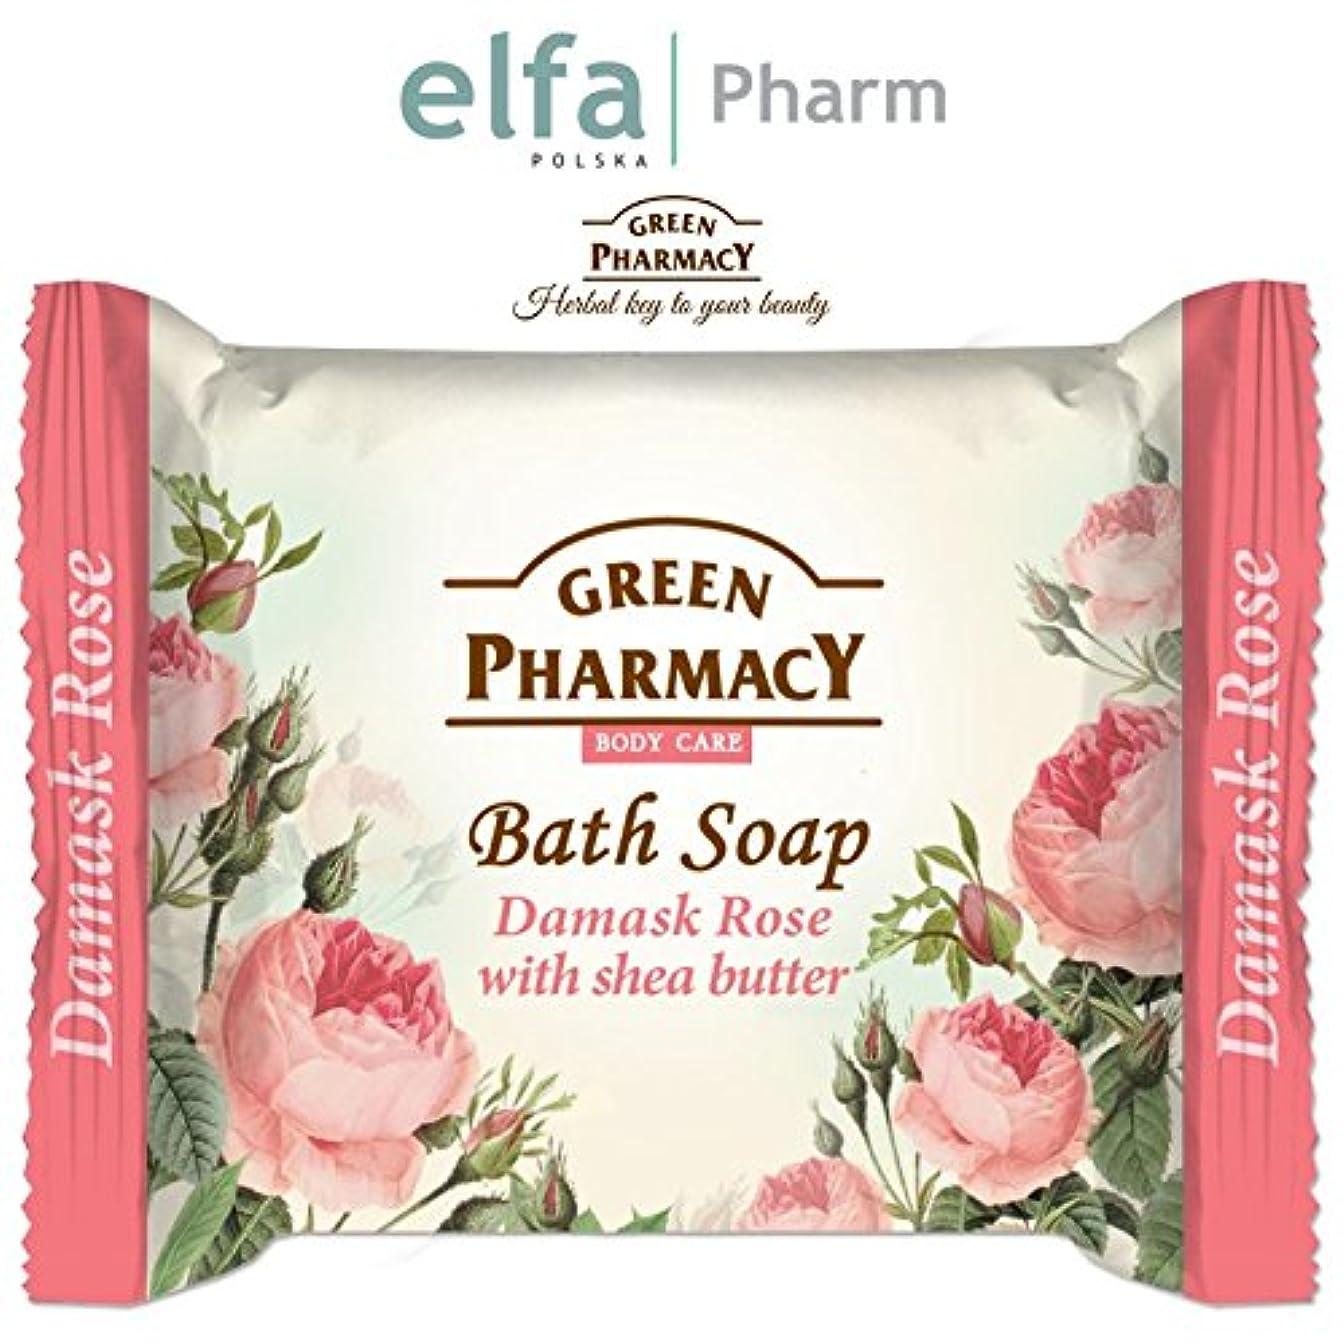 時計甲虫発明石鹸 固形 安心?安全 古代からのハーブの知識を生かして作られた固形せっけん ポーランドのグリーンファーマシー elfa Pharm Green Pharmacy Bath Soap Damask Rose with Shea...